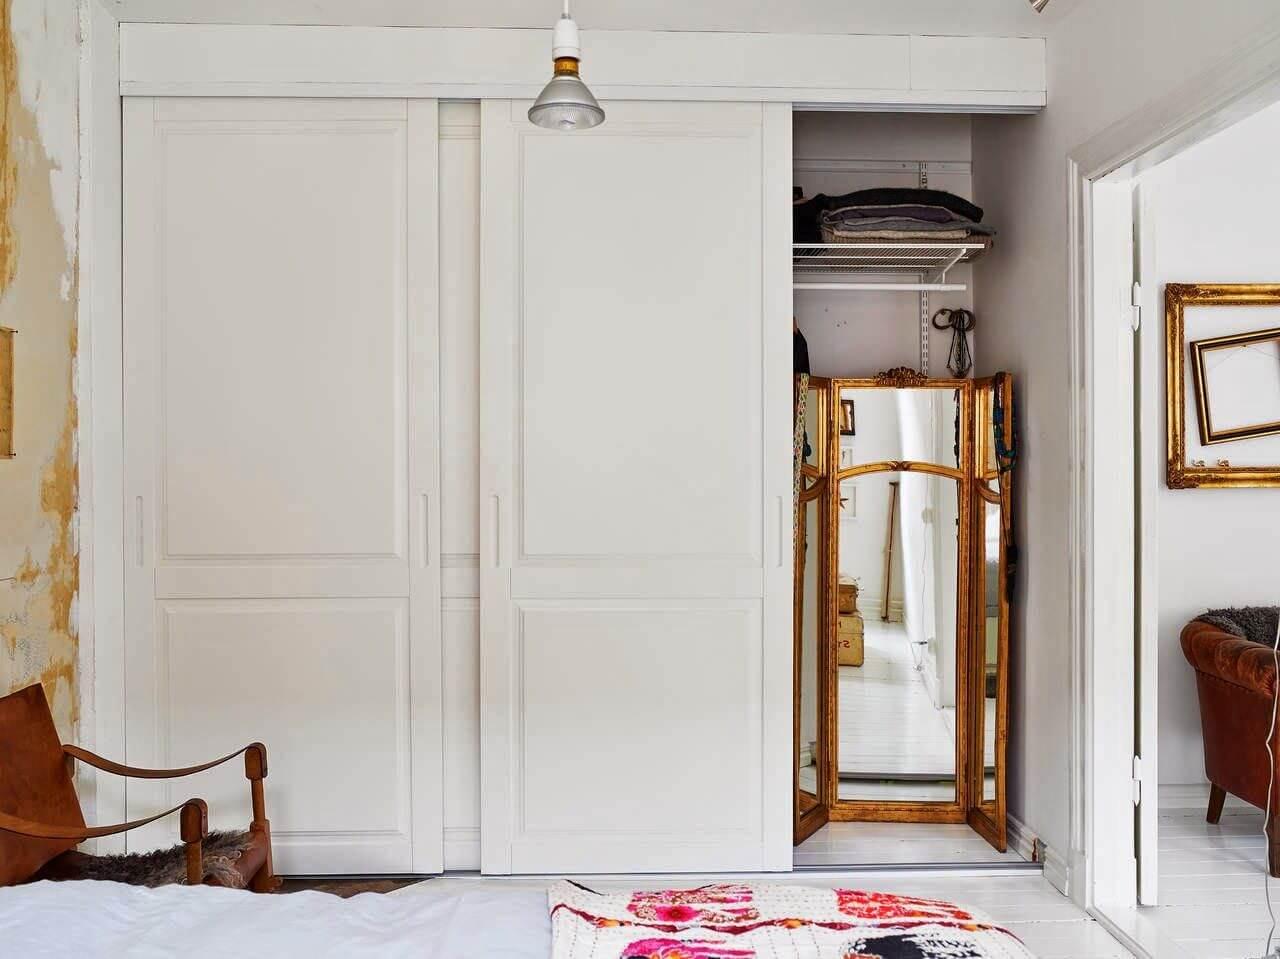 Qué diría Marie Kondo si fuese tu interiorista. Los armarios son imprescindibles.